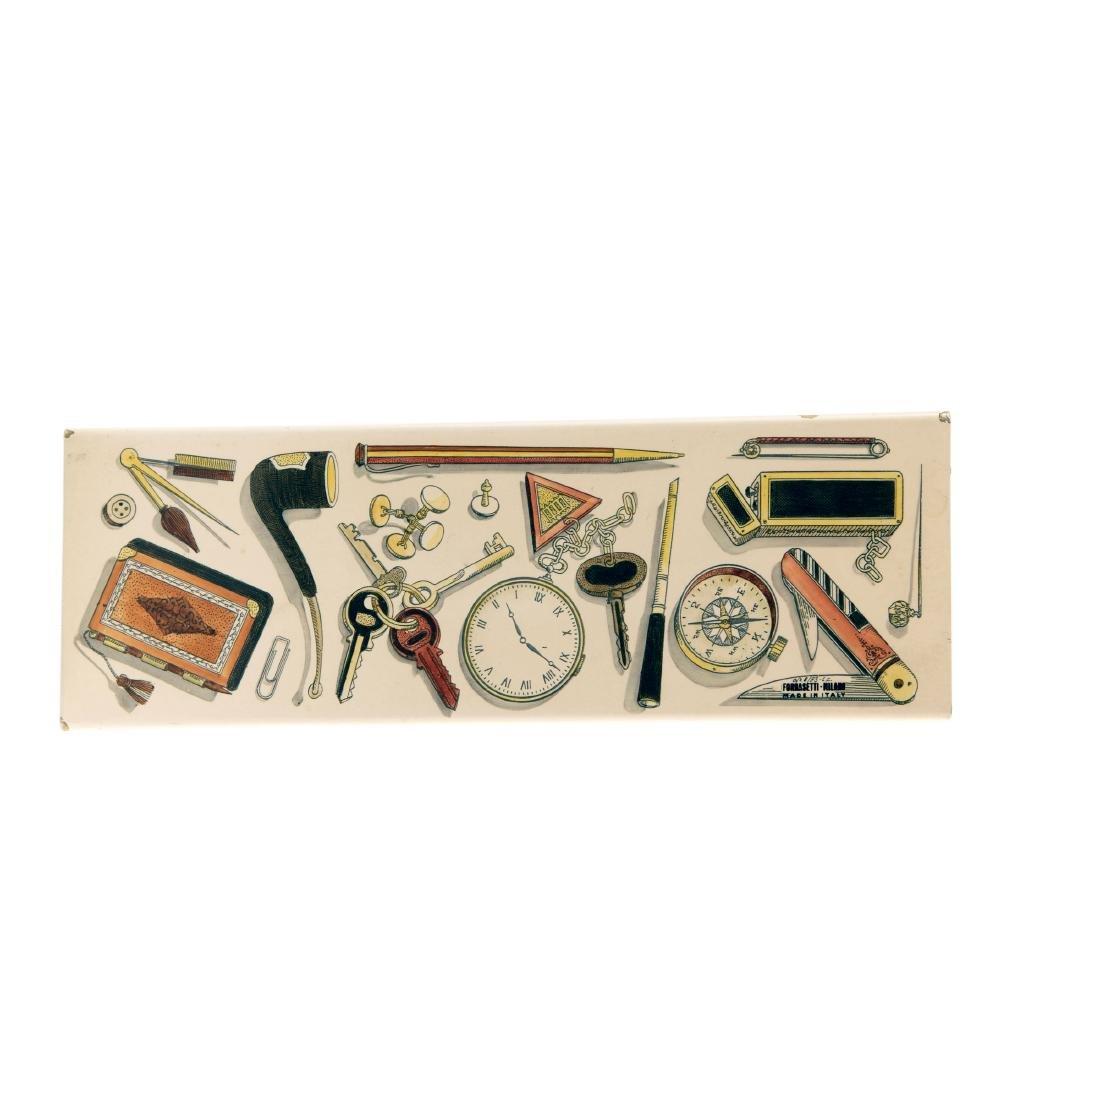 'Oggetti maschili' cigarette case, 1950/60s